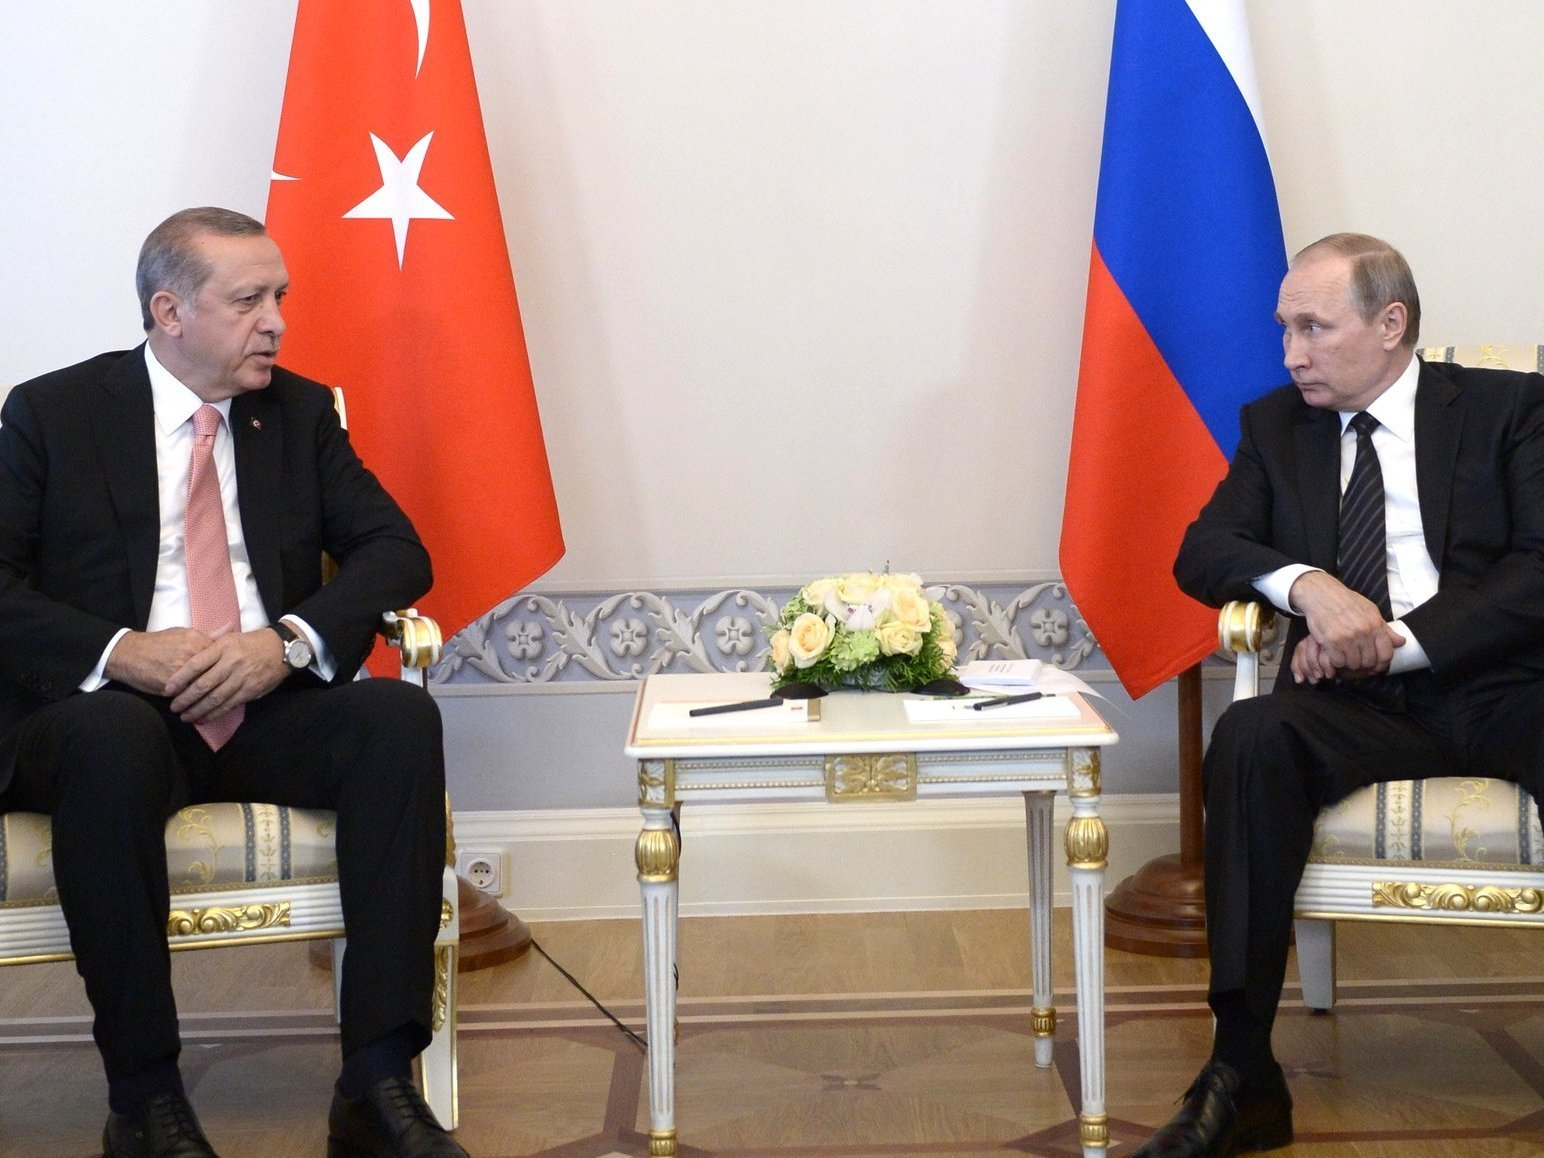 Завершились переговоры В. Путина иЭрдогана вузком формате